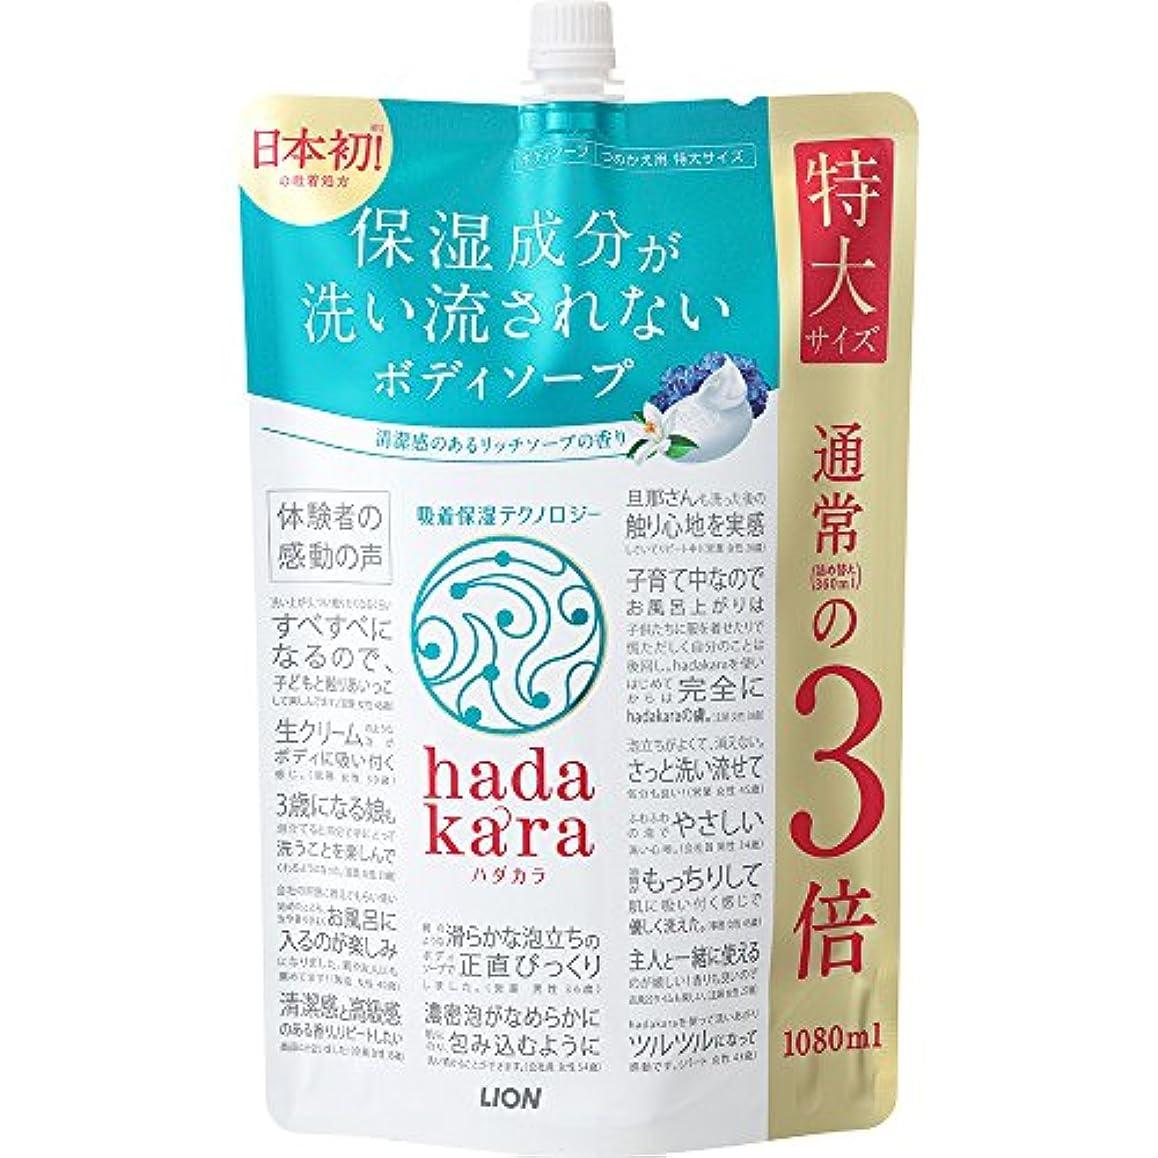 給料夕食を食べる文明化する【大容量】hadakara(ハダカラ) ボディソープ リッチソープの香り 詰め替え 特大 1080ml